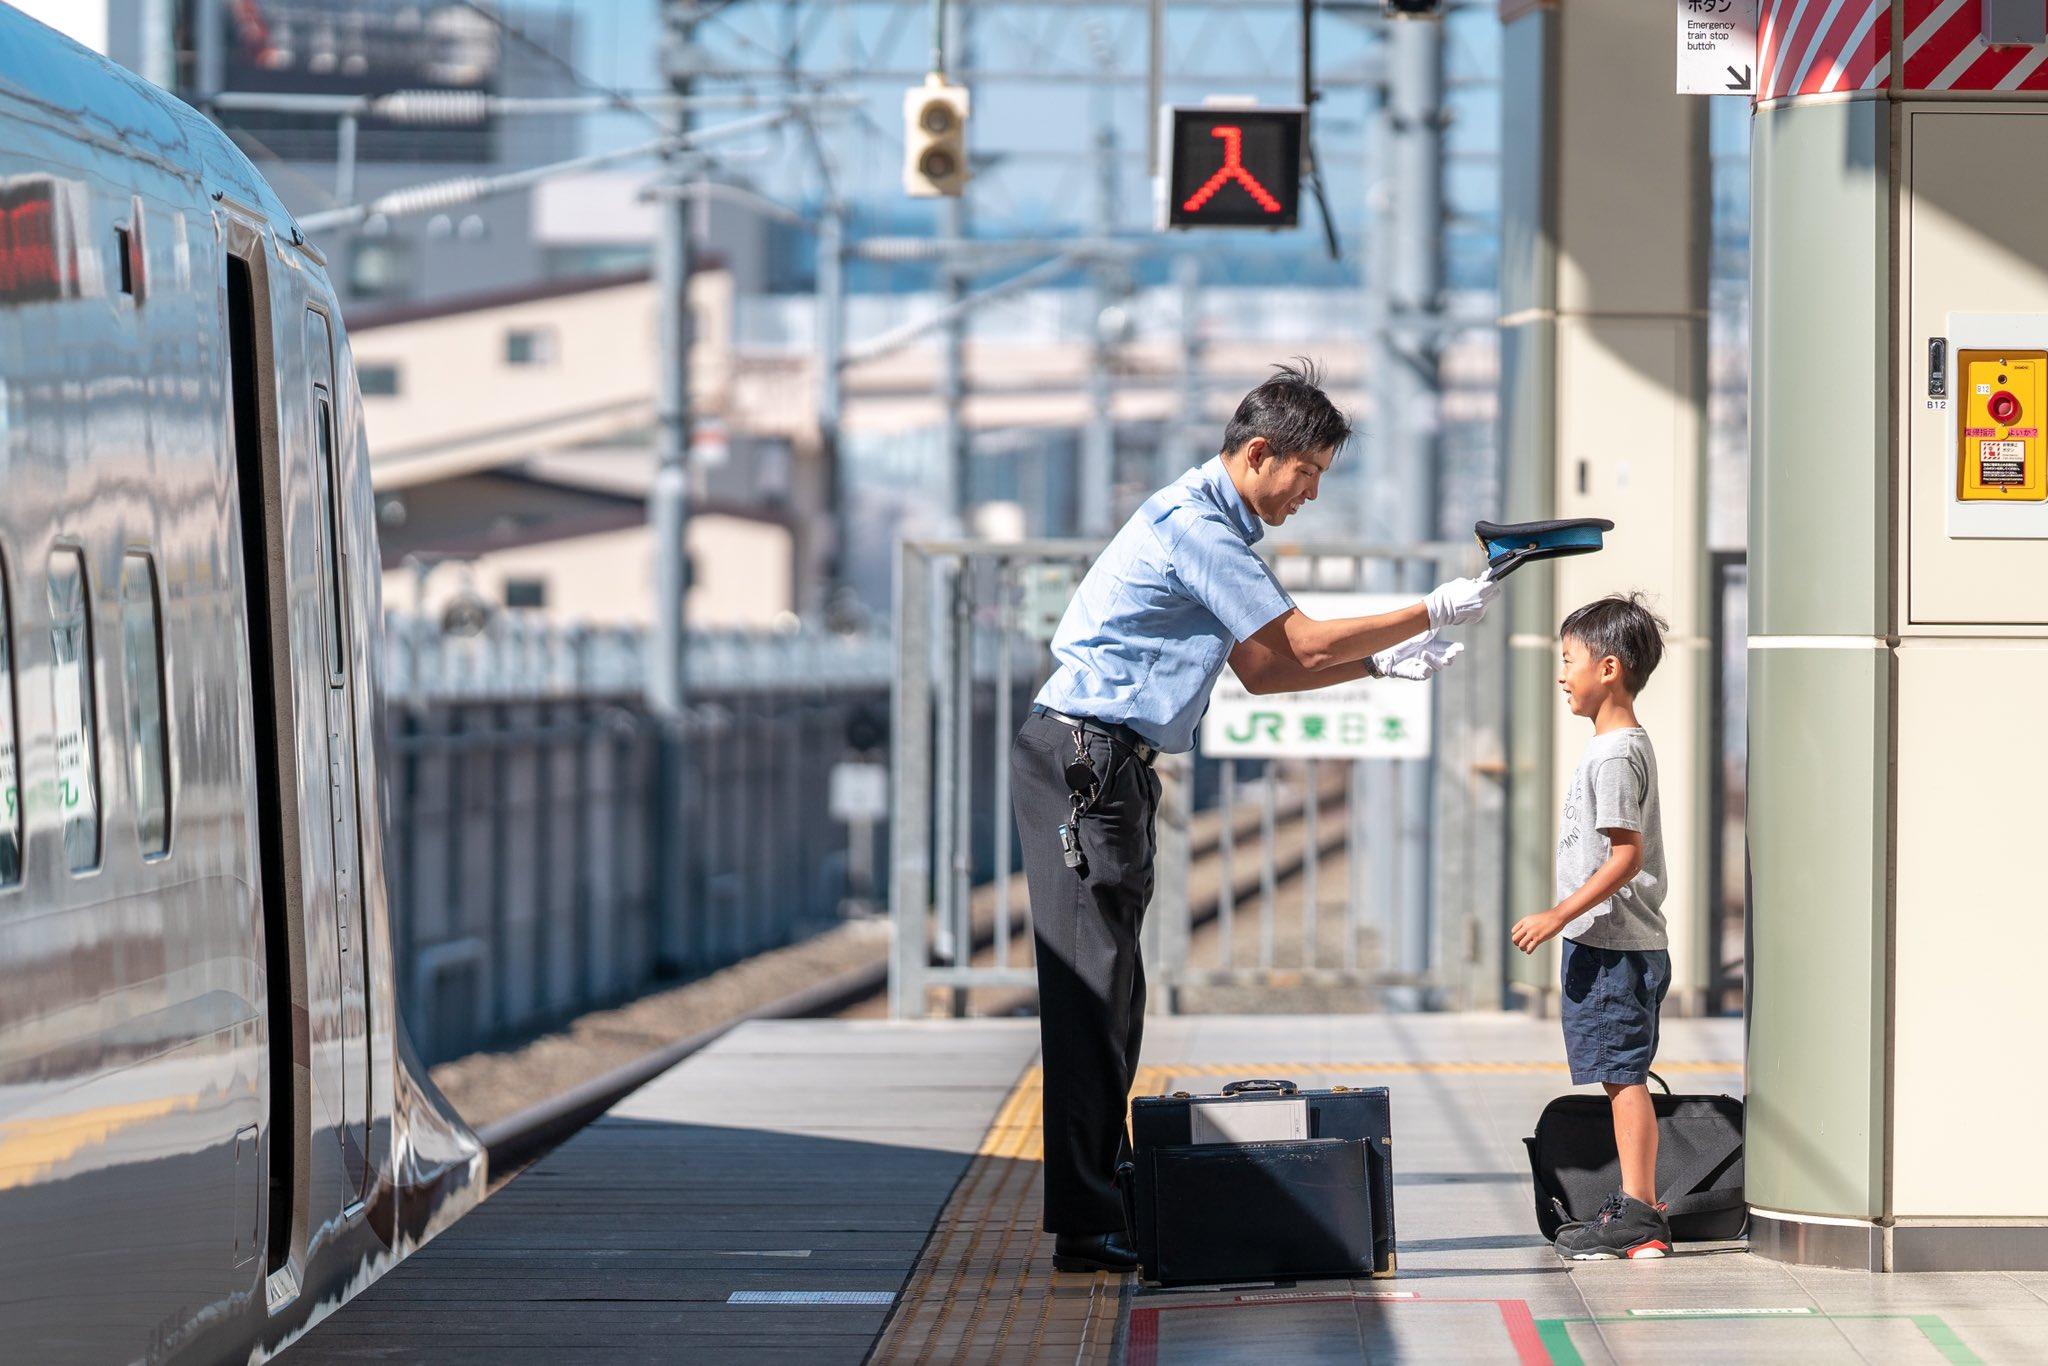 JRの神対応に心が癒される…新幹線大好きな息子さんの笑顔が眩しい!!